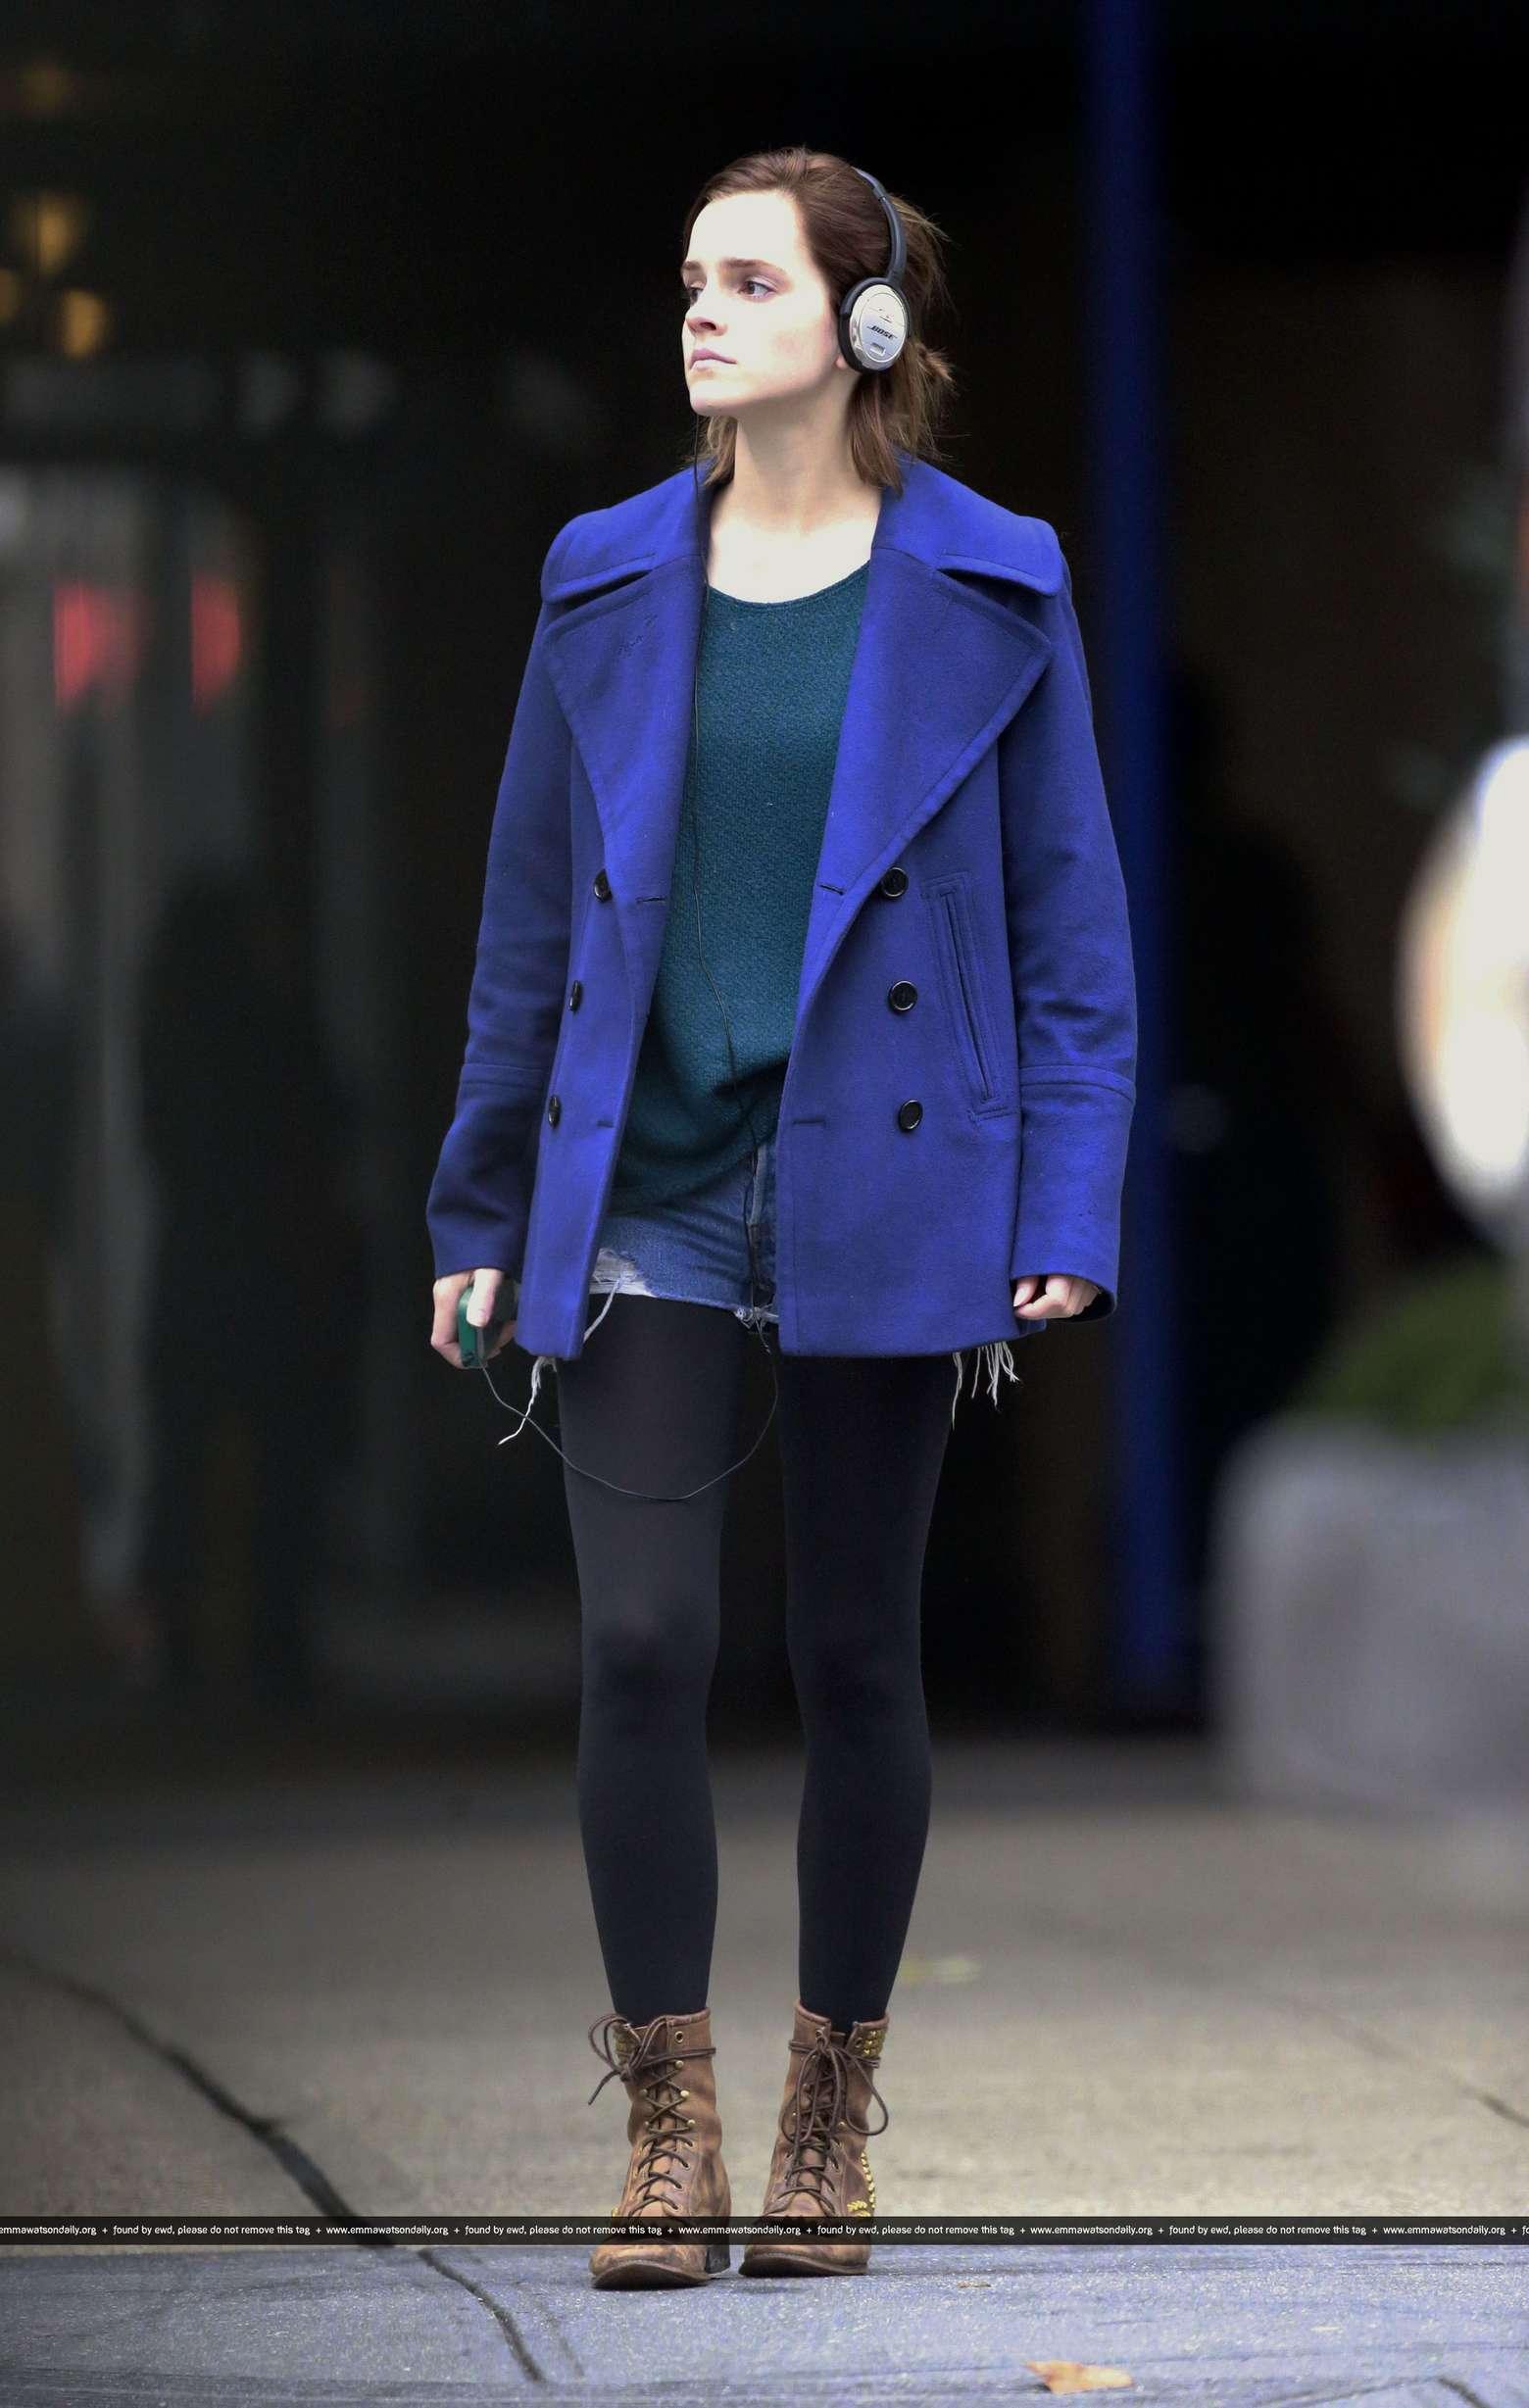 Emma watson candids in new york city 04 gotceleb Emma watson fashion and style